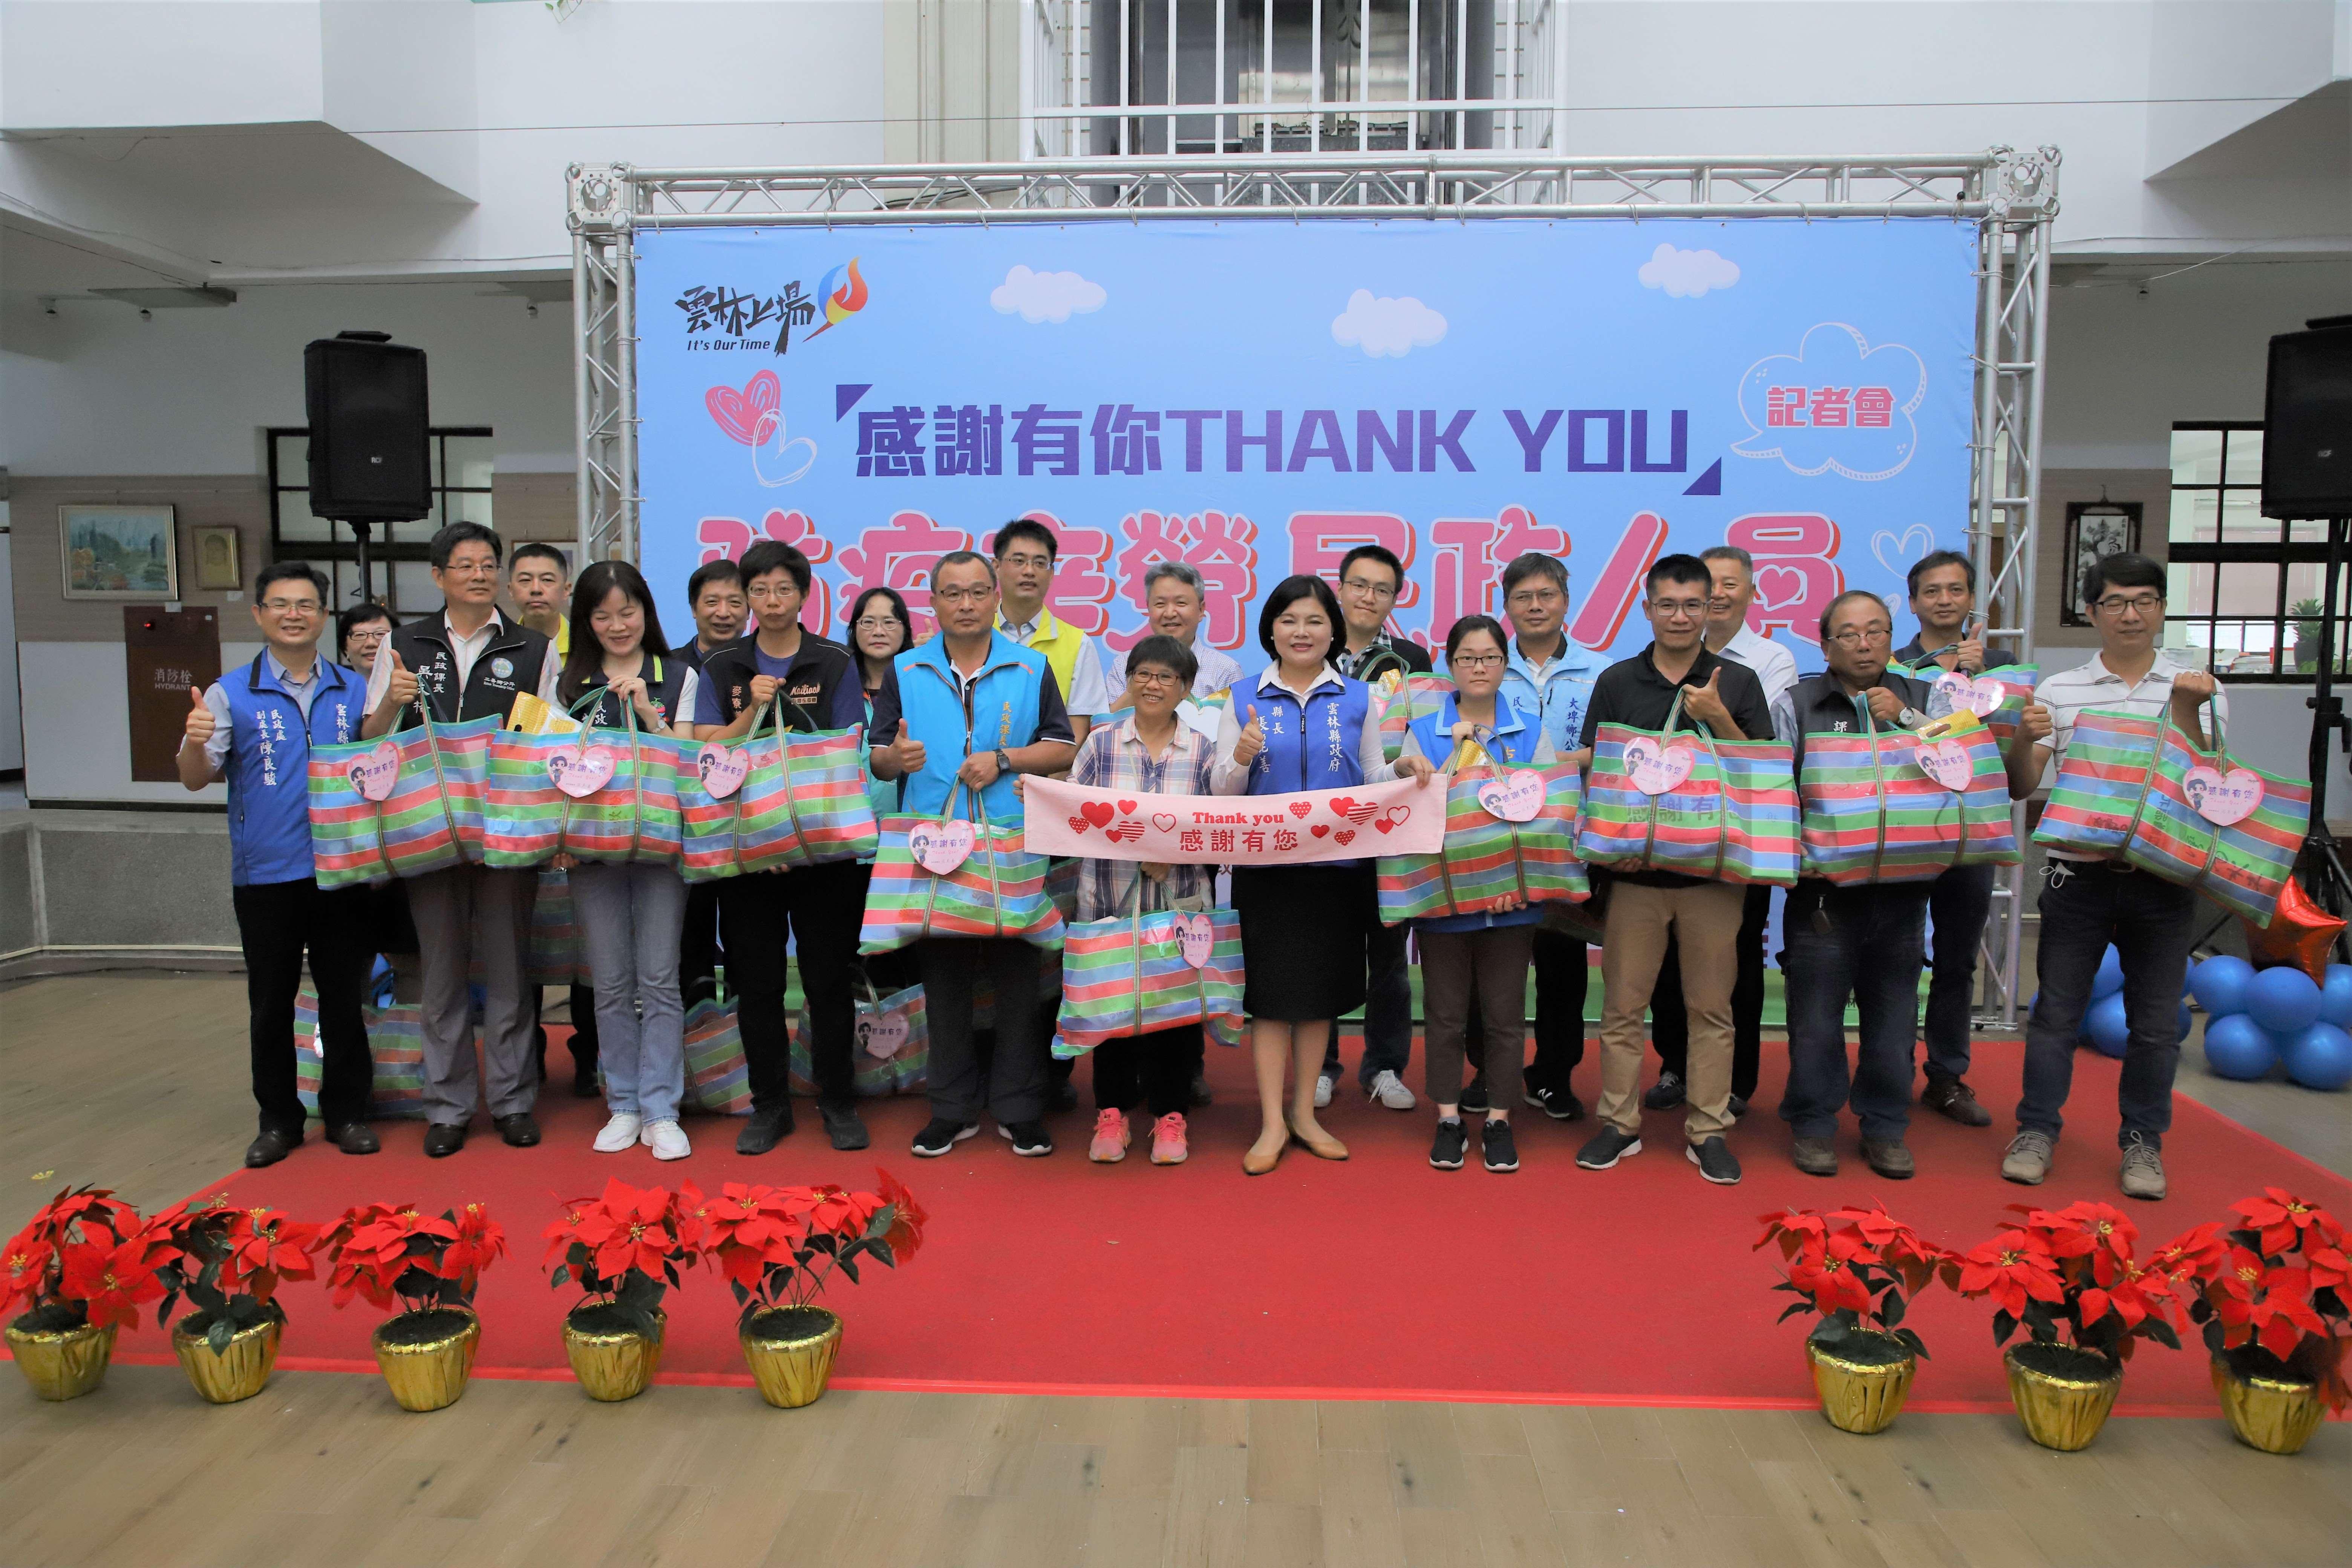 縣府舉辦表揚大會,並致贈雲林良品,感謝民政人員的辛勞。